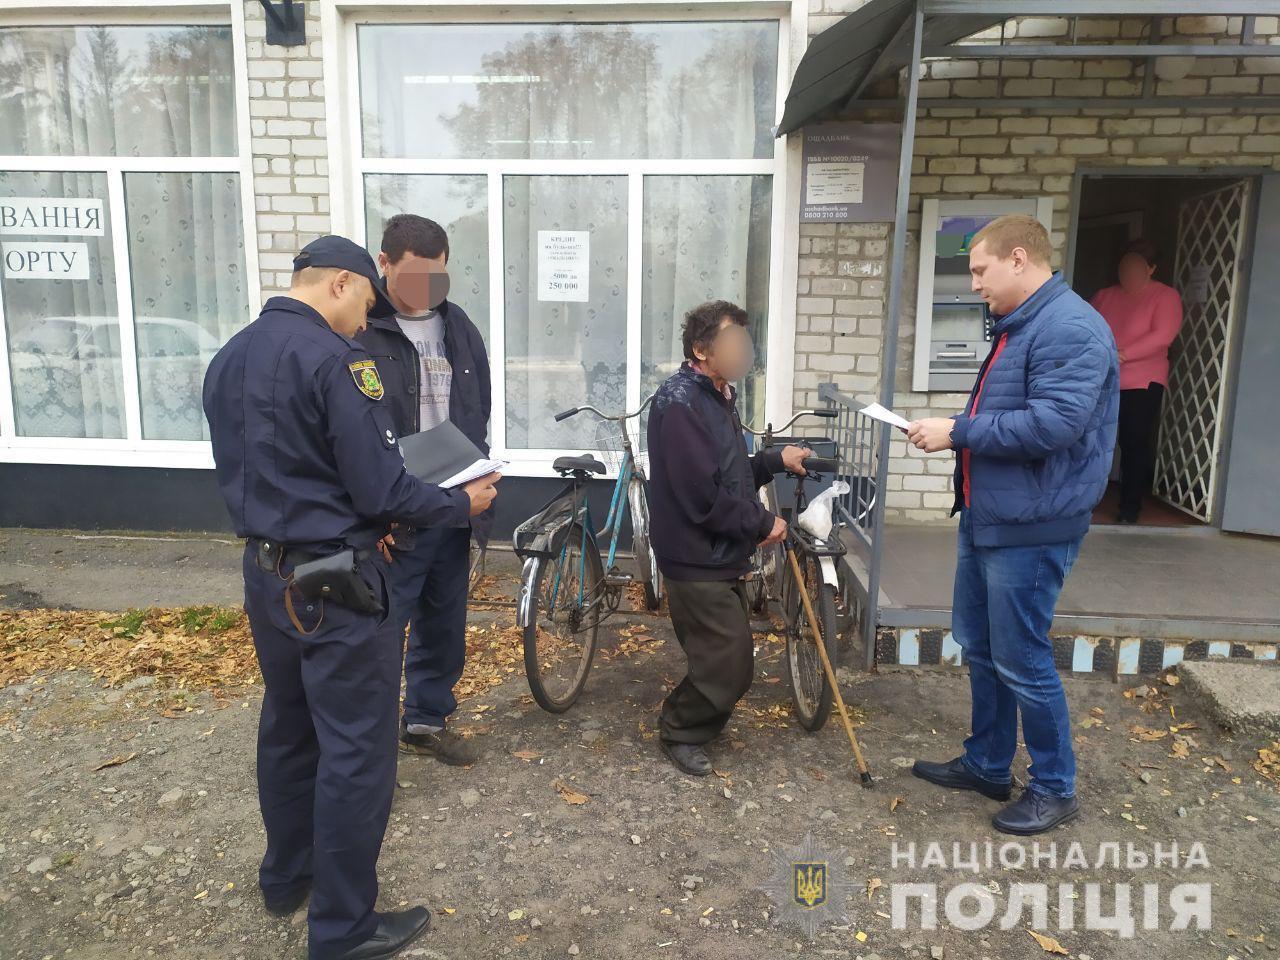 Полицейские поймали грабителя, обокравшего посетителя банка (фото)